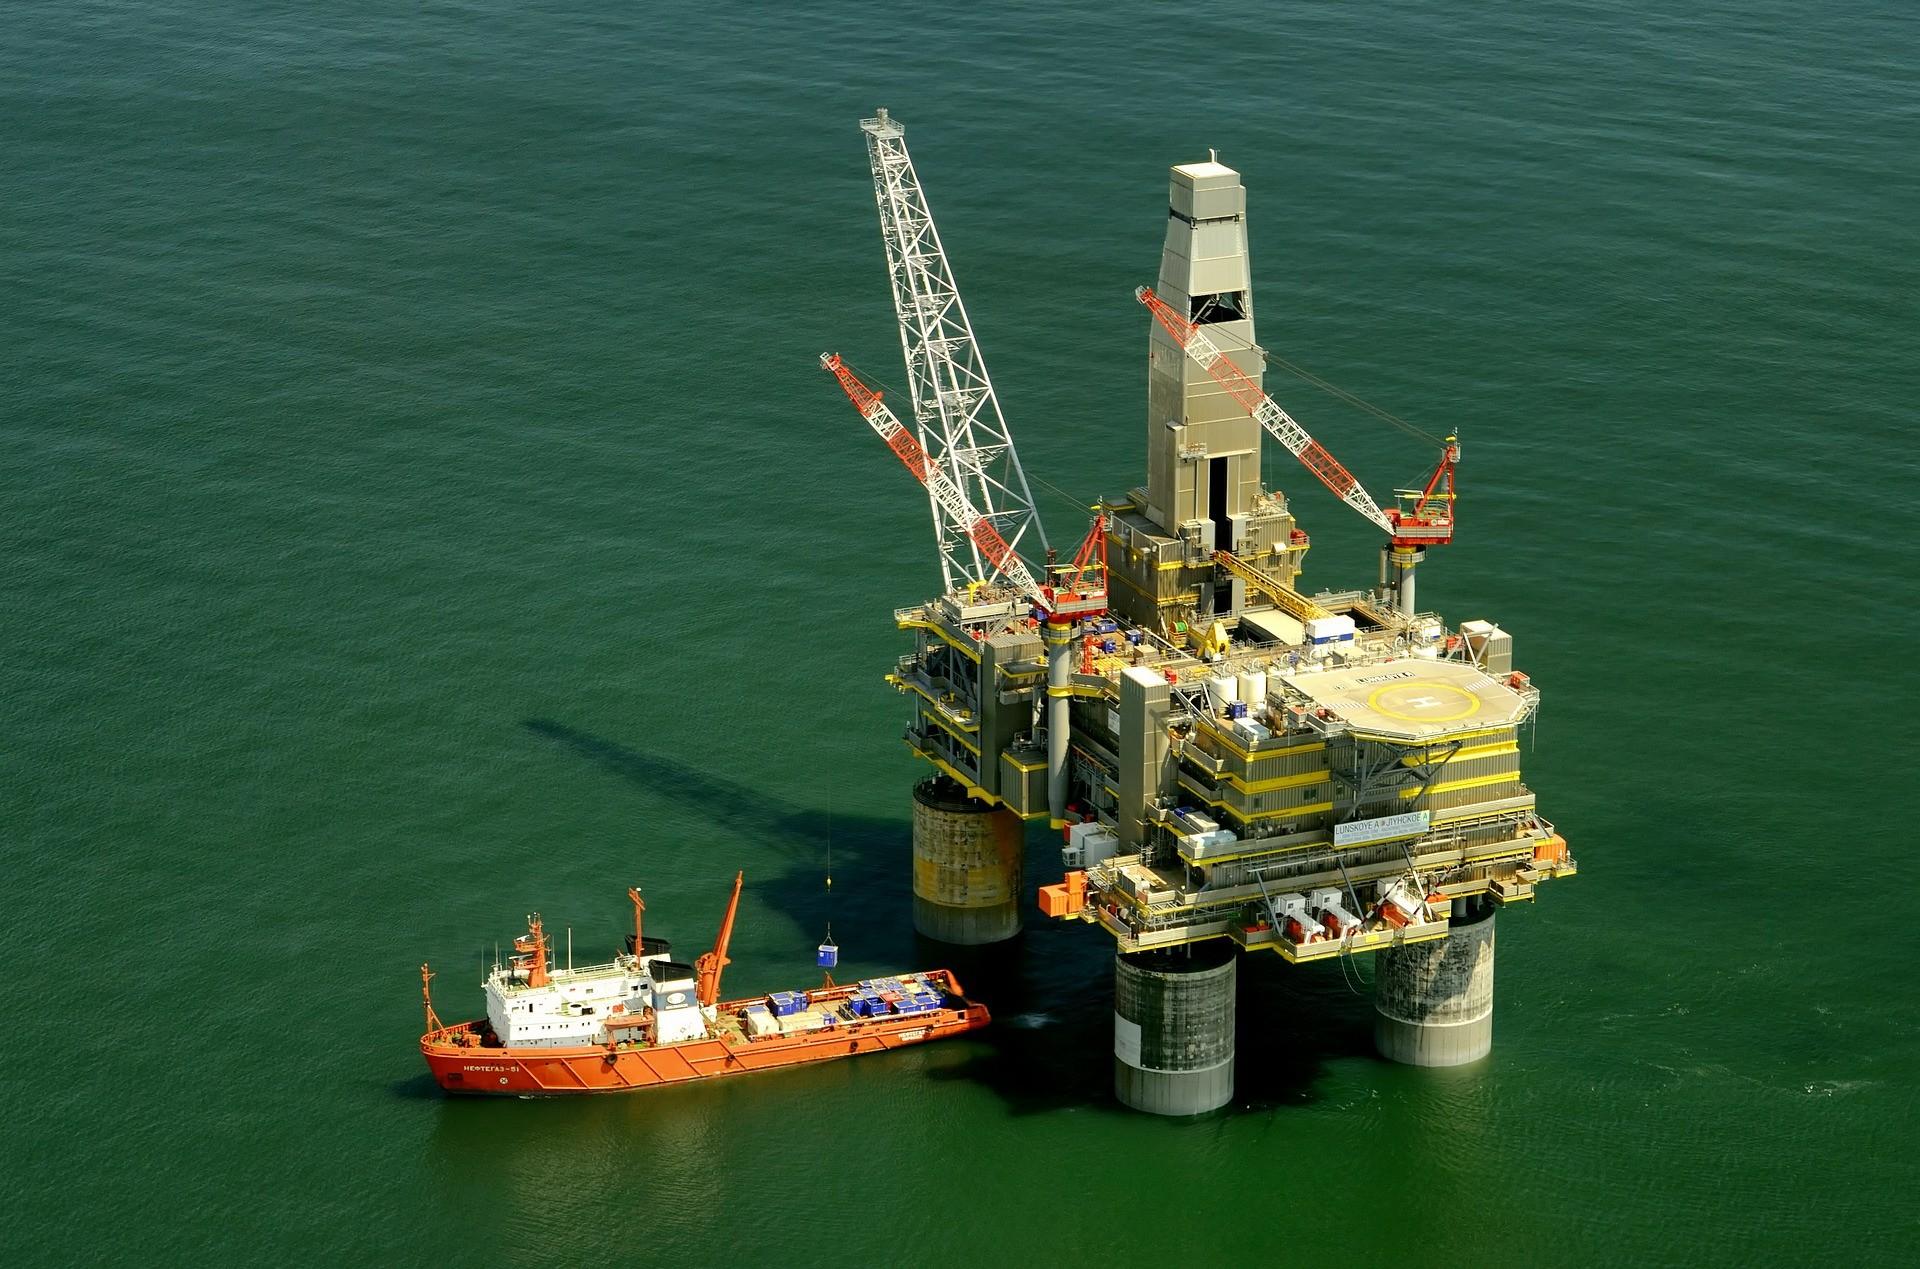 În fine, gazele din Marea Neagră în cifre: 115 mld mc  Vezi